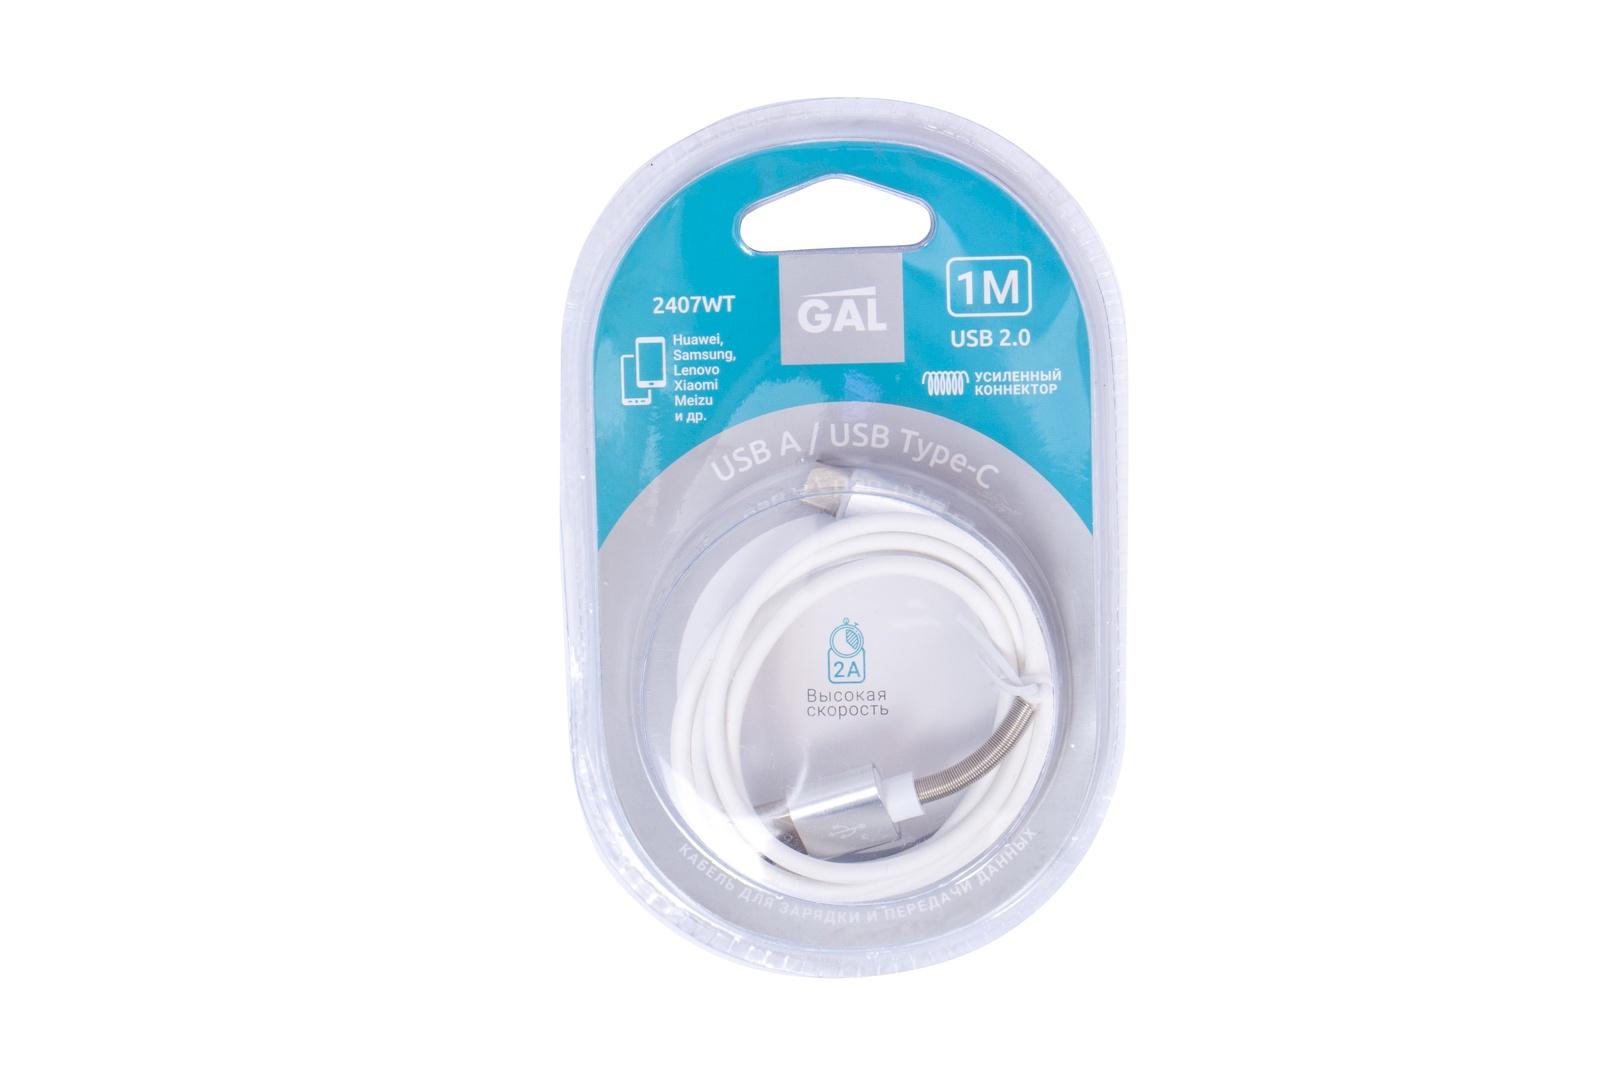 цена на Кабель GAL 2407WT Цвет: белый USB A - Type-C для зарядки и передачи данных с высокой скоростью 2А, длина 1м